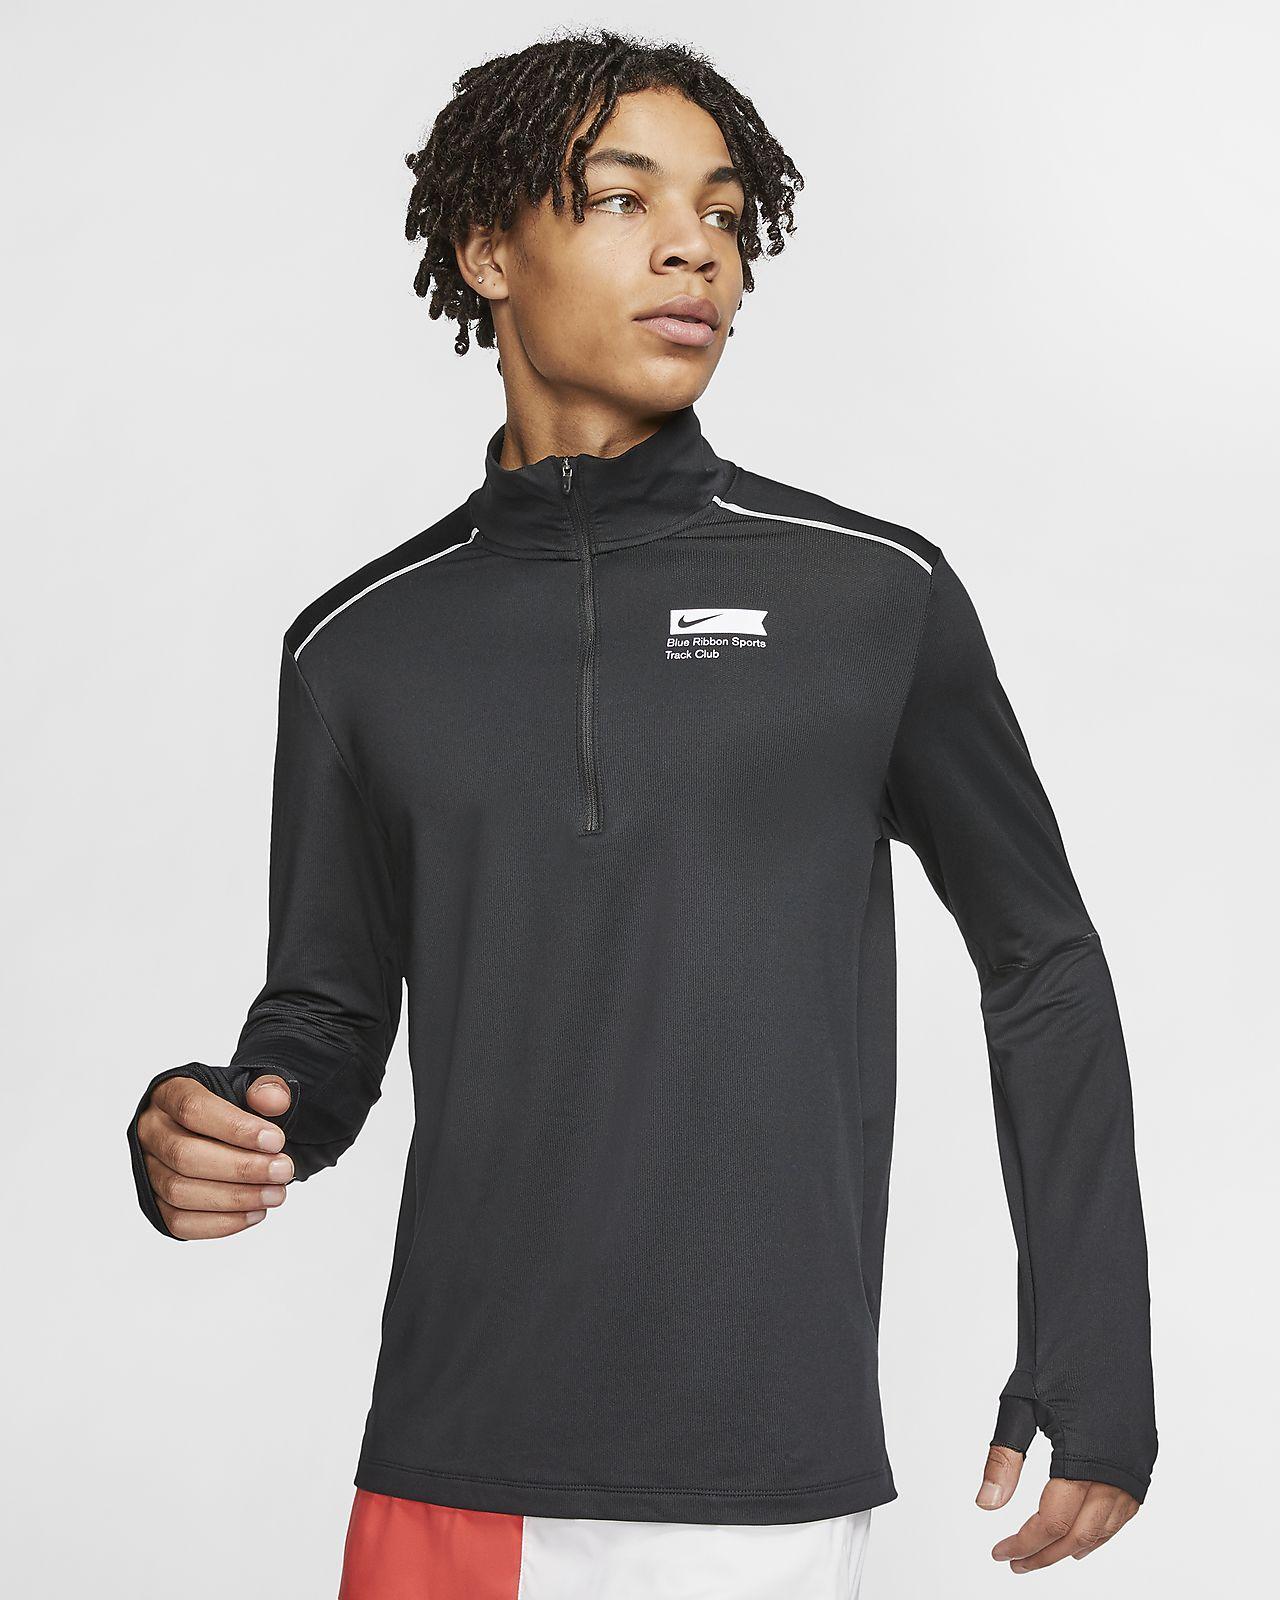 Maglia da running con zip a metà lunghezza Nike Blue Ribbon Sports - Uomo